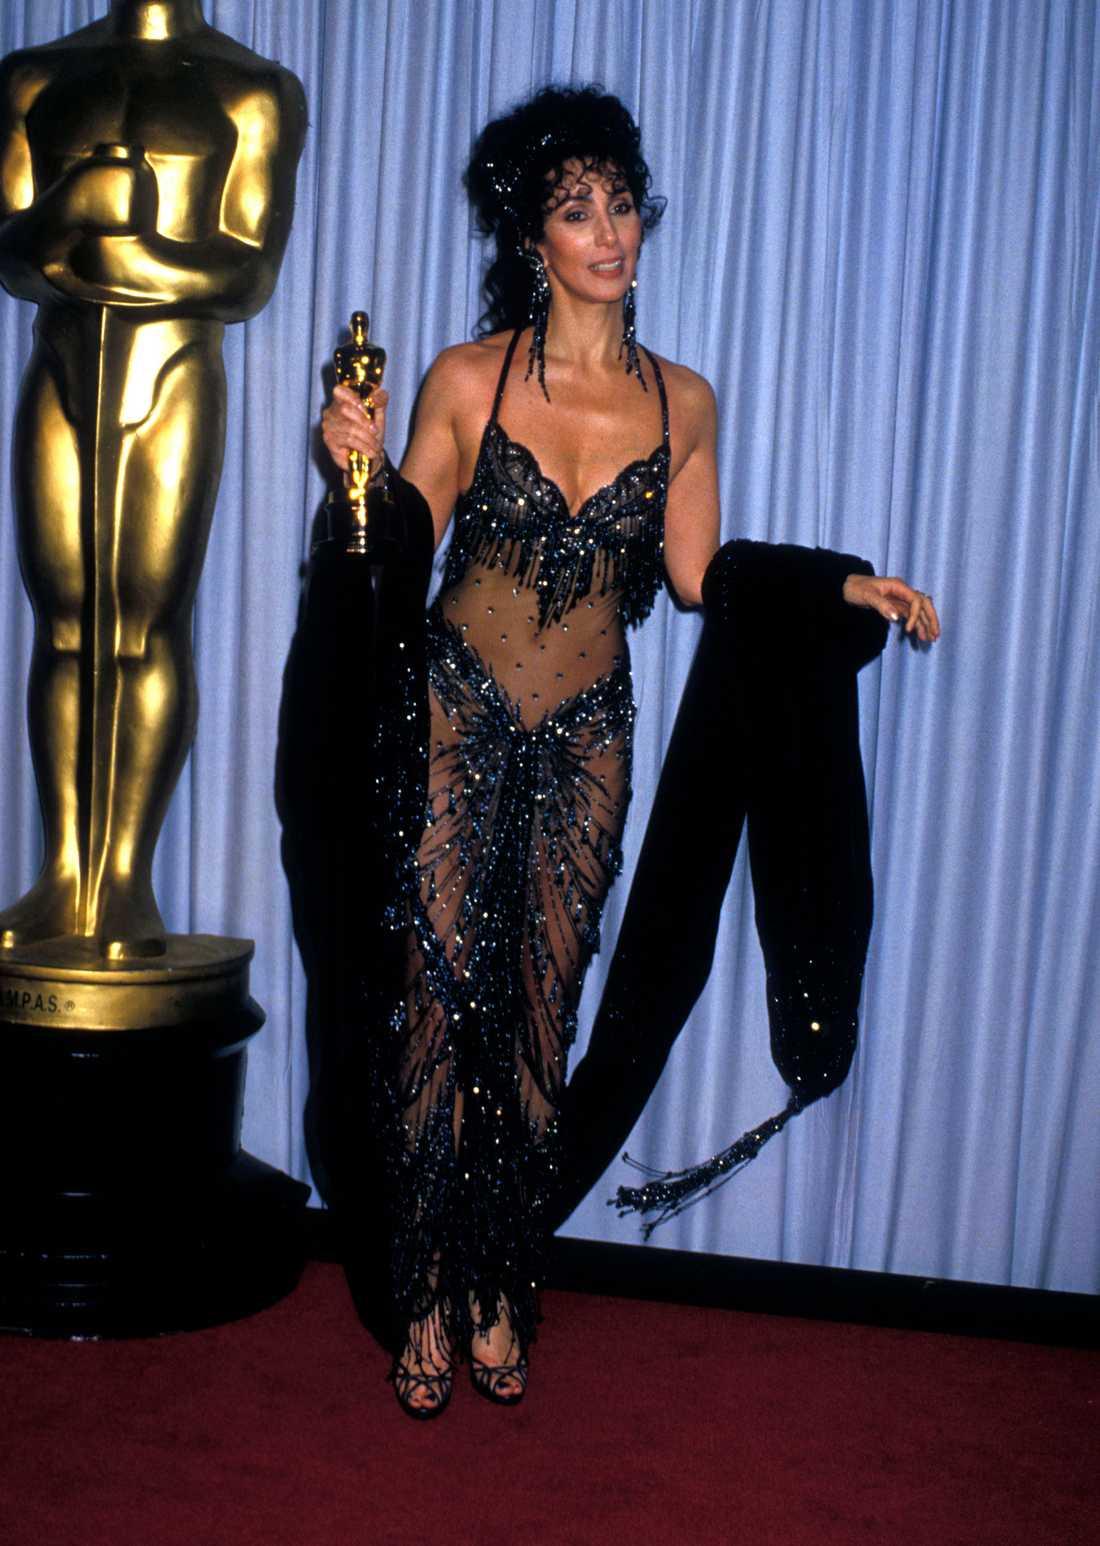 """… och 1988 """"Även 1988 kom Cher mer naken än klädd och de flesta tänkte """"nog nu""""..."""""""